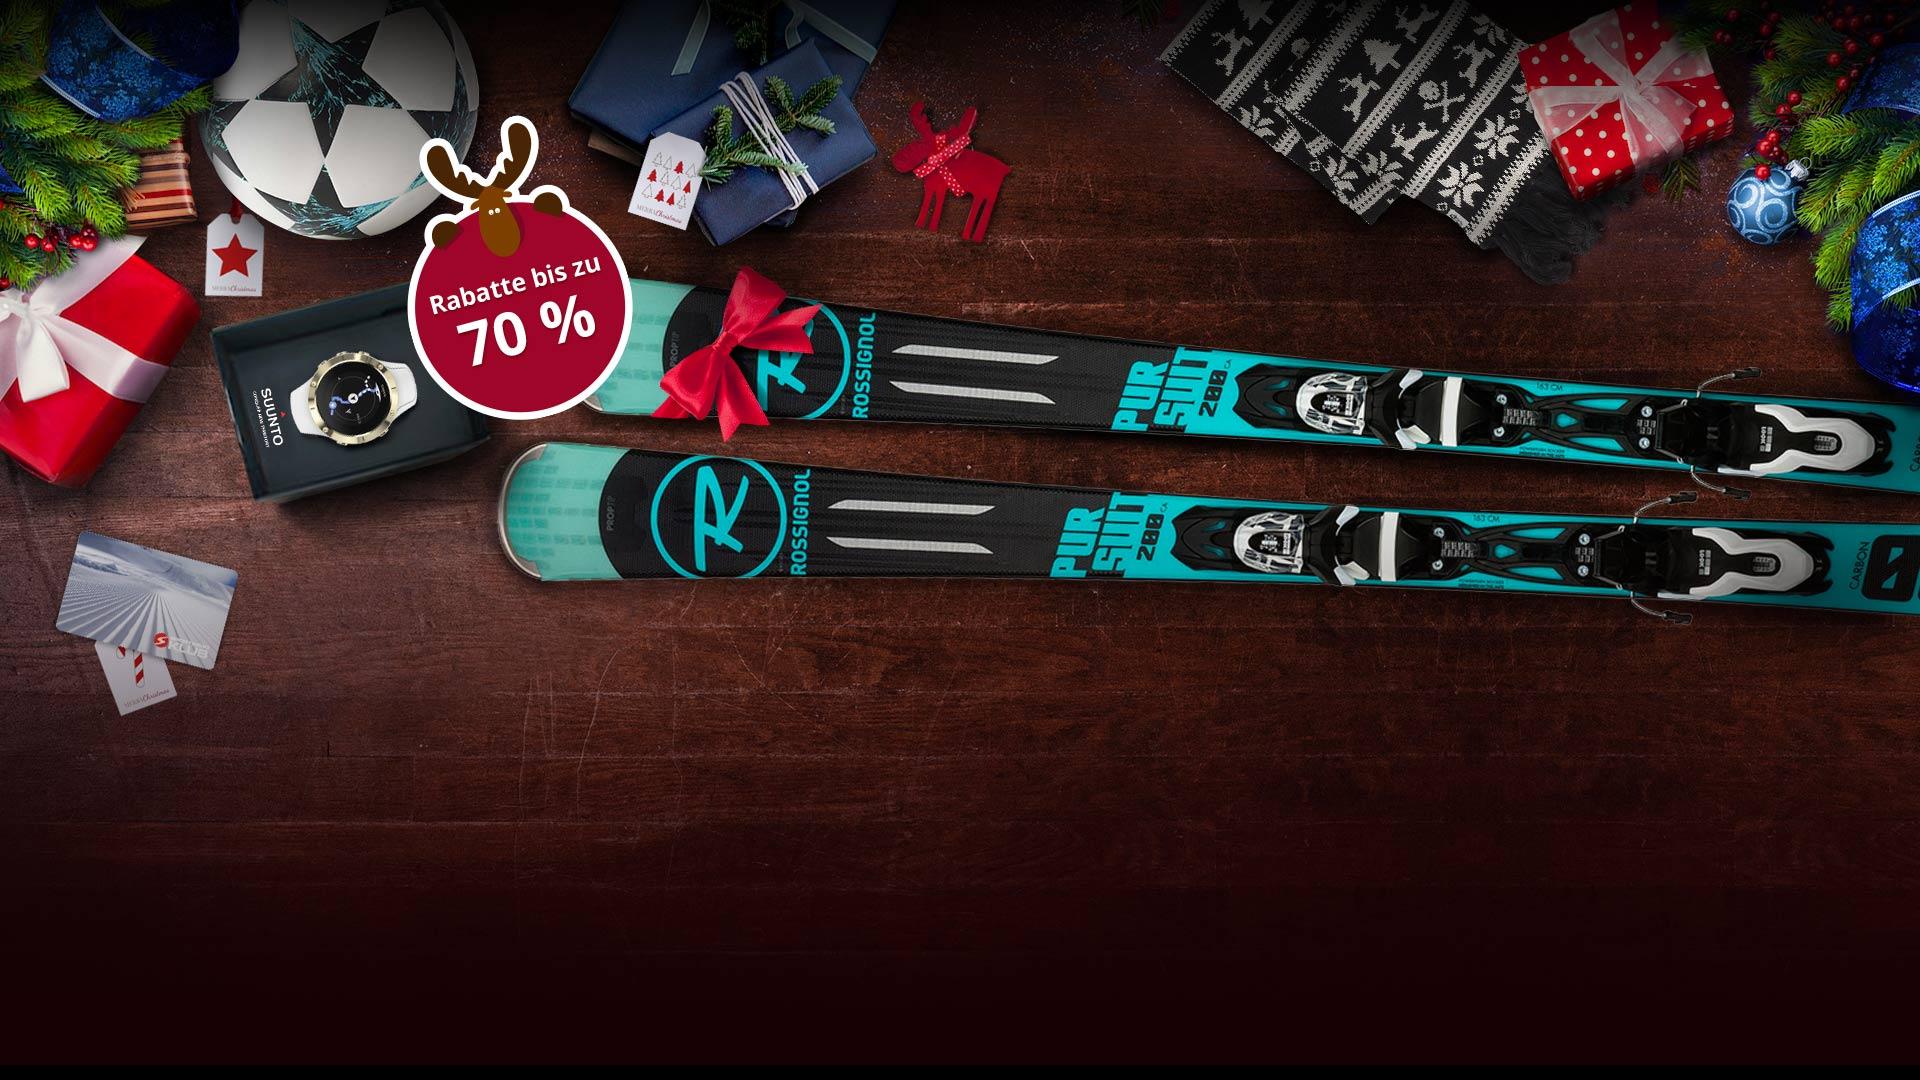 Kaufe deine Weihnachtsgeschenke dieses Jahr etwas früher ein und genieße in Ruhe die Feiertage!